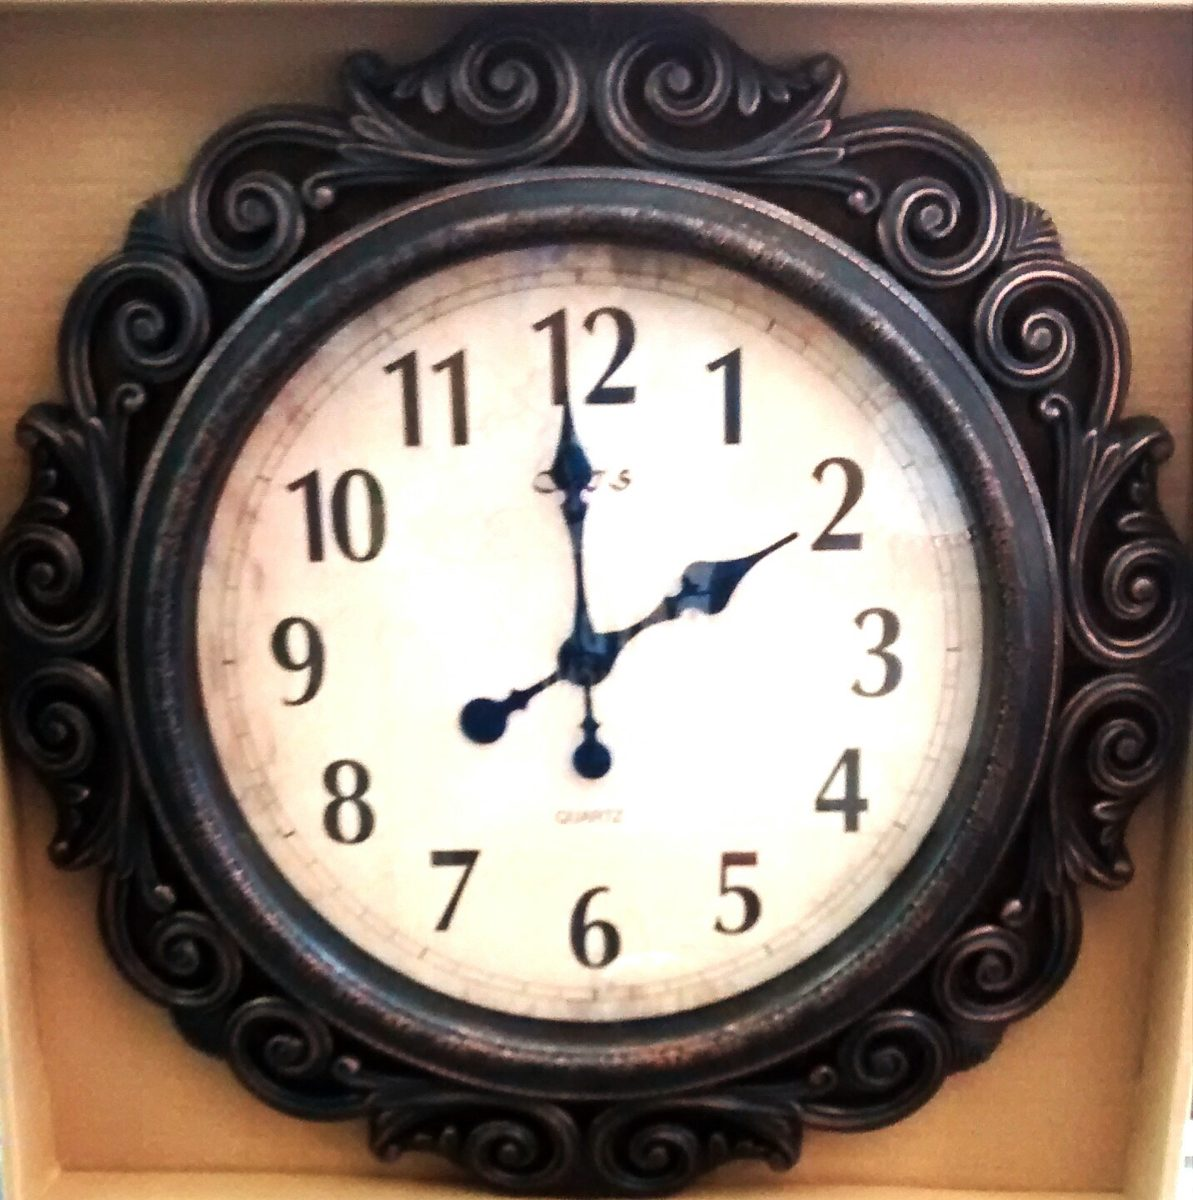 3dd62ecd8a5 relógio de parede classico gigante decoração 59cm diâmetro. Carregando zoom.